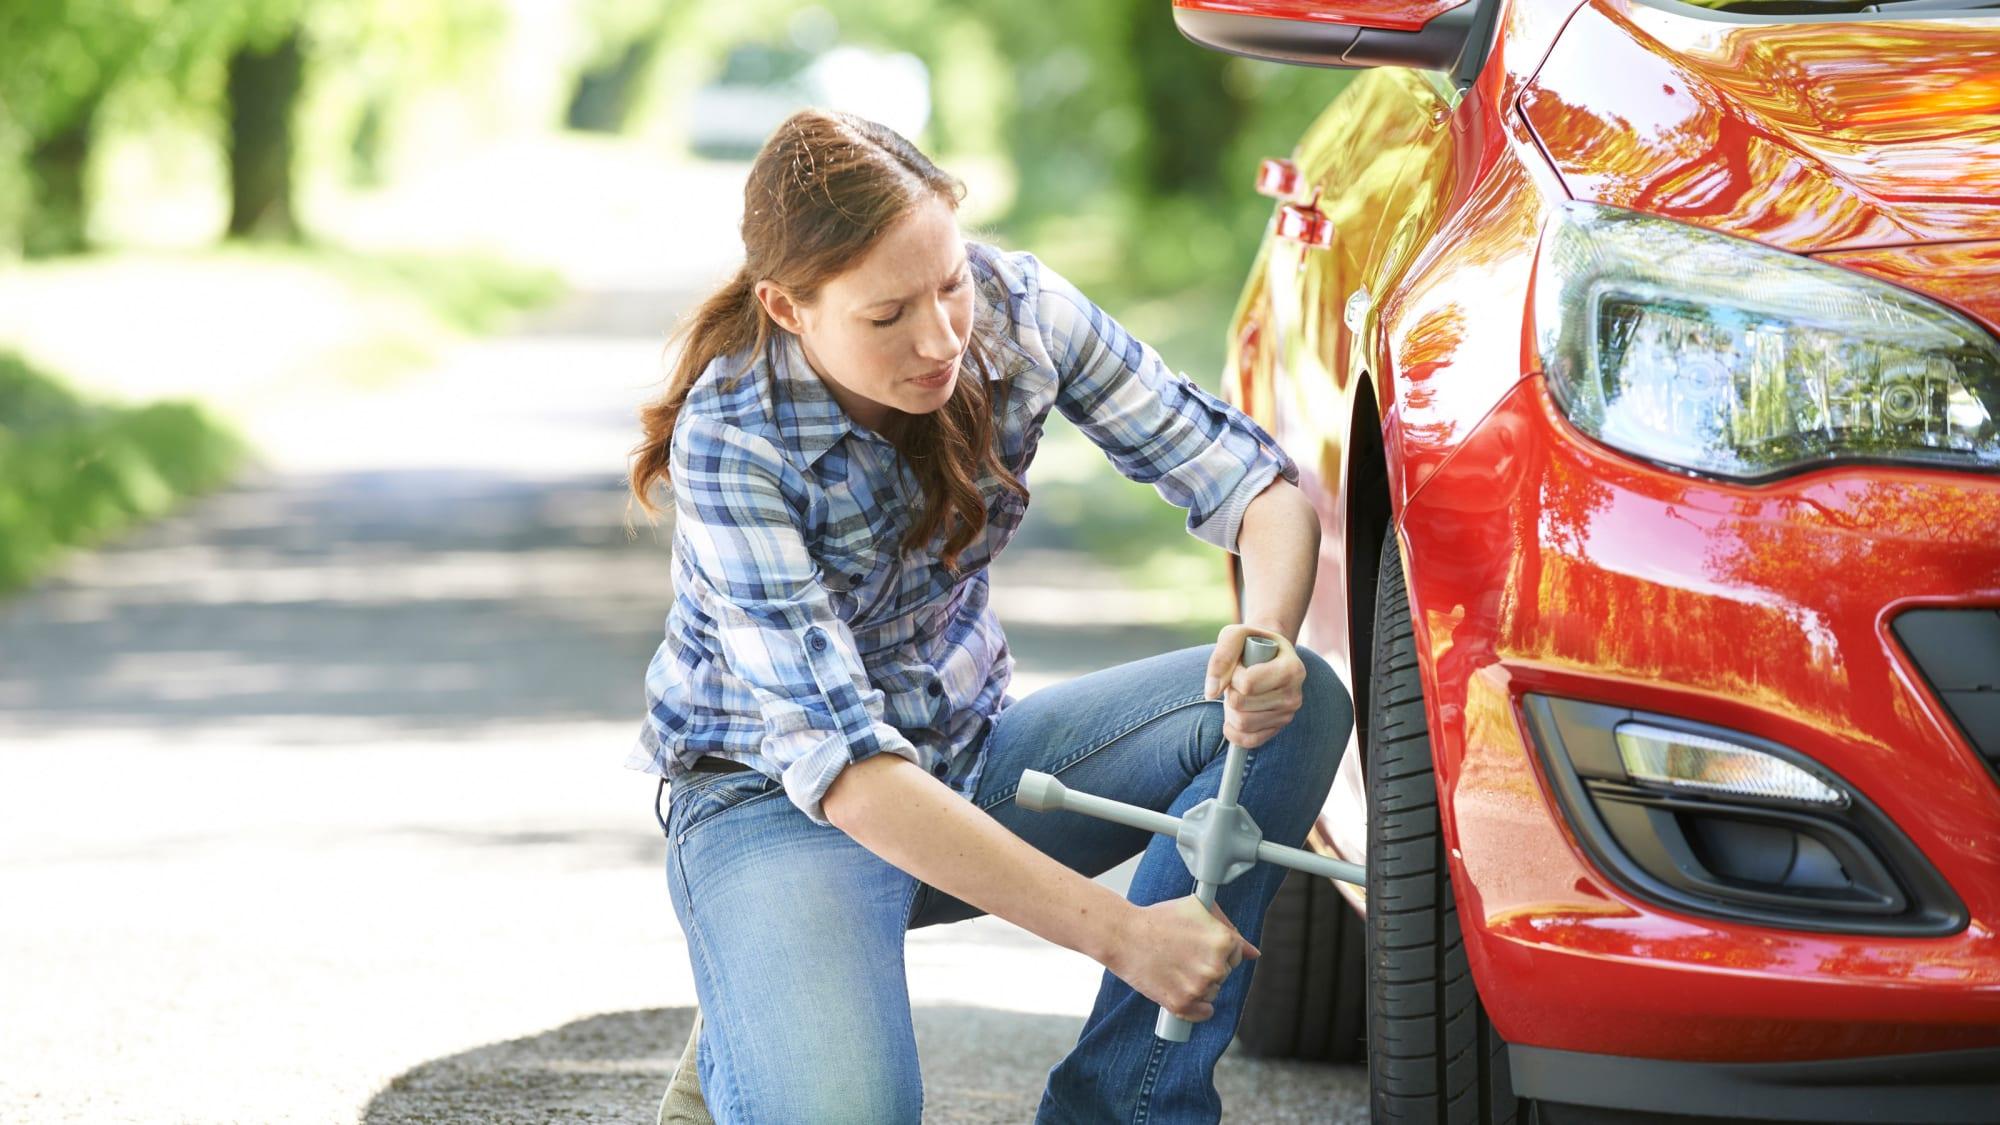 Frau wechselt Reifen an einem roten Auto